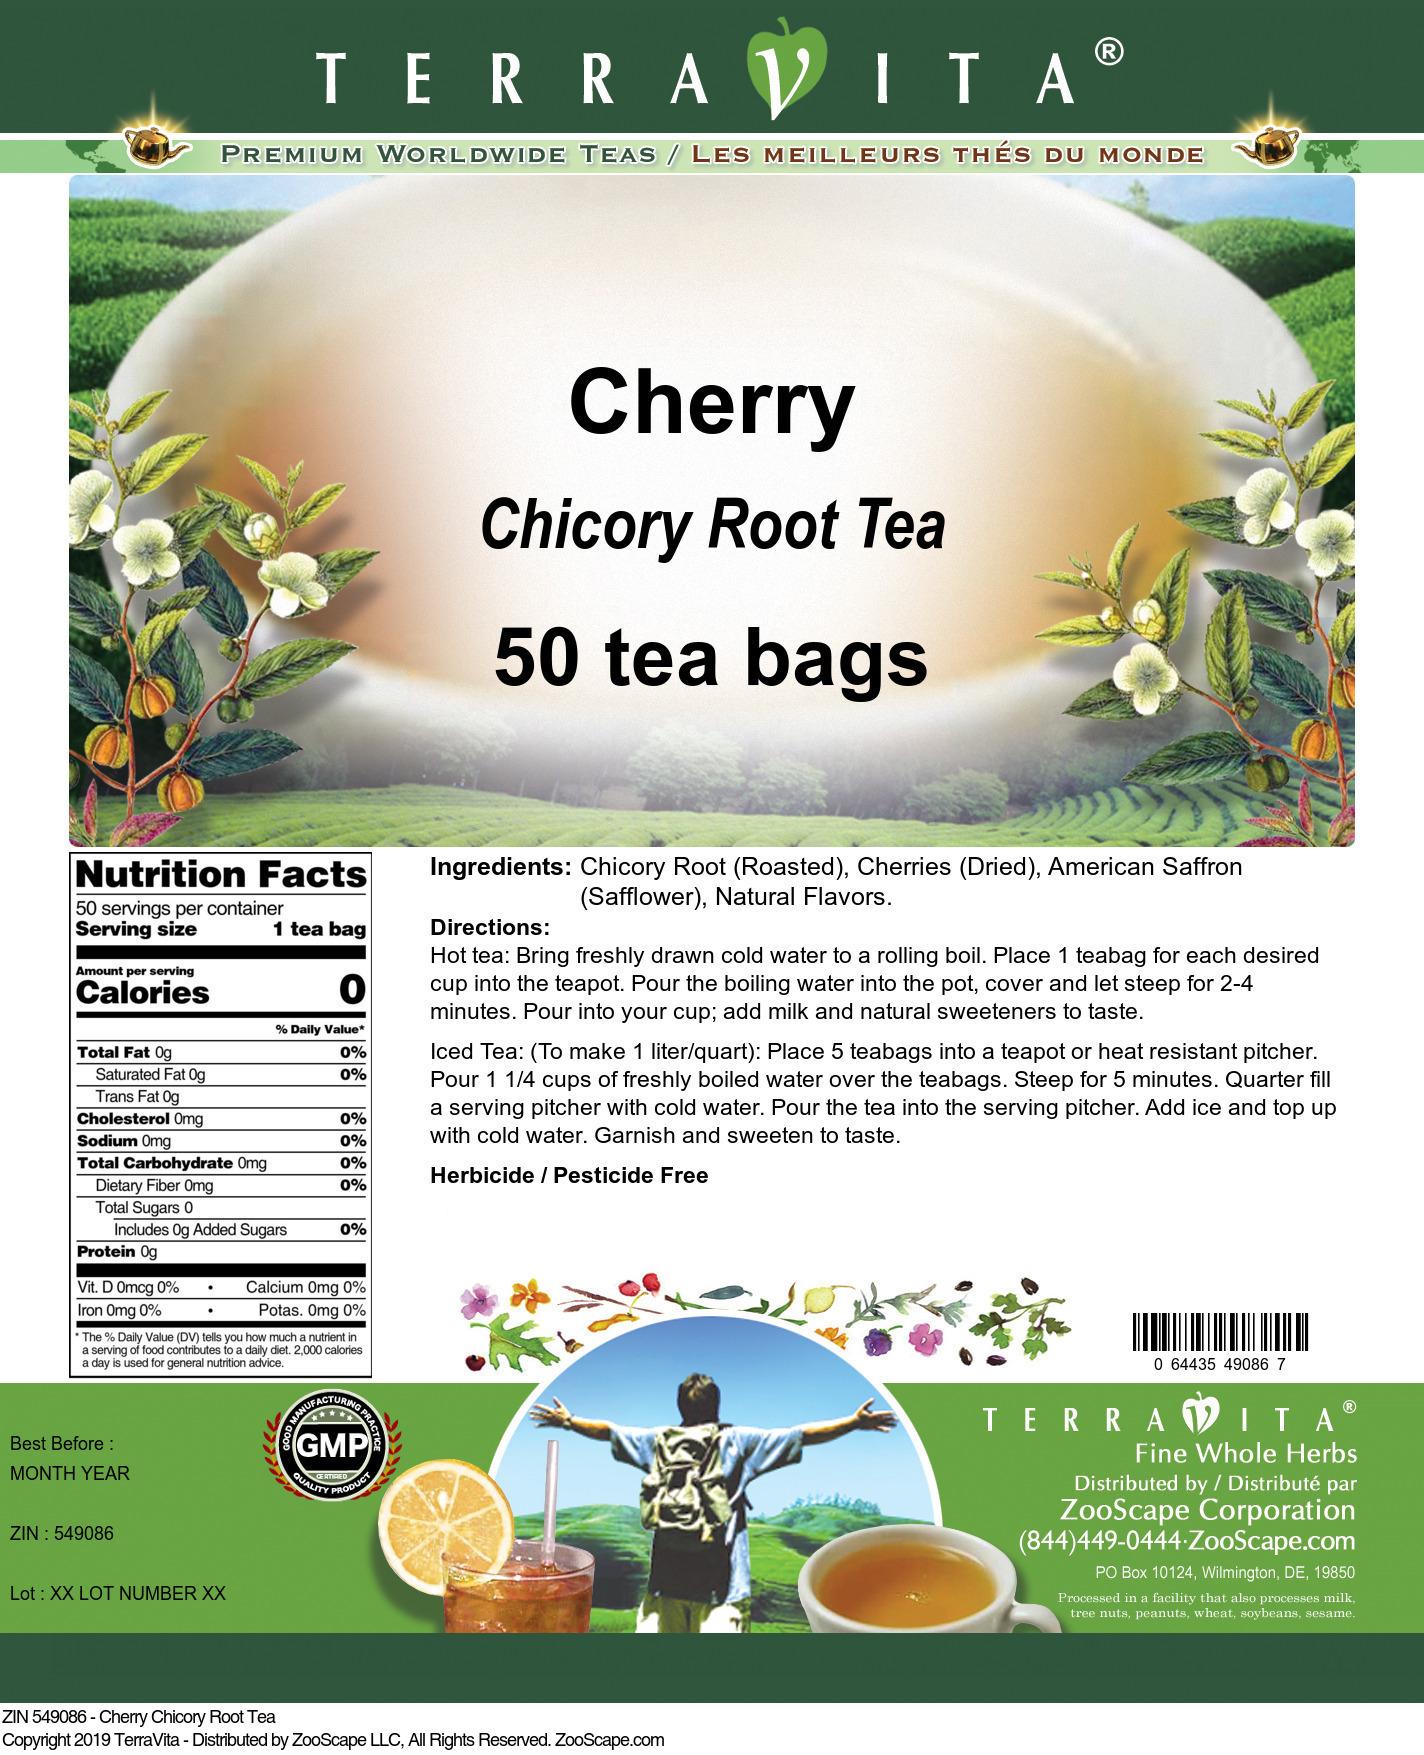 Cherry Chicory Root Tea